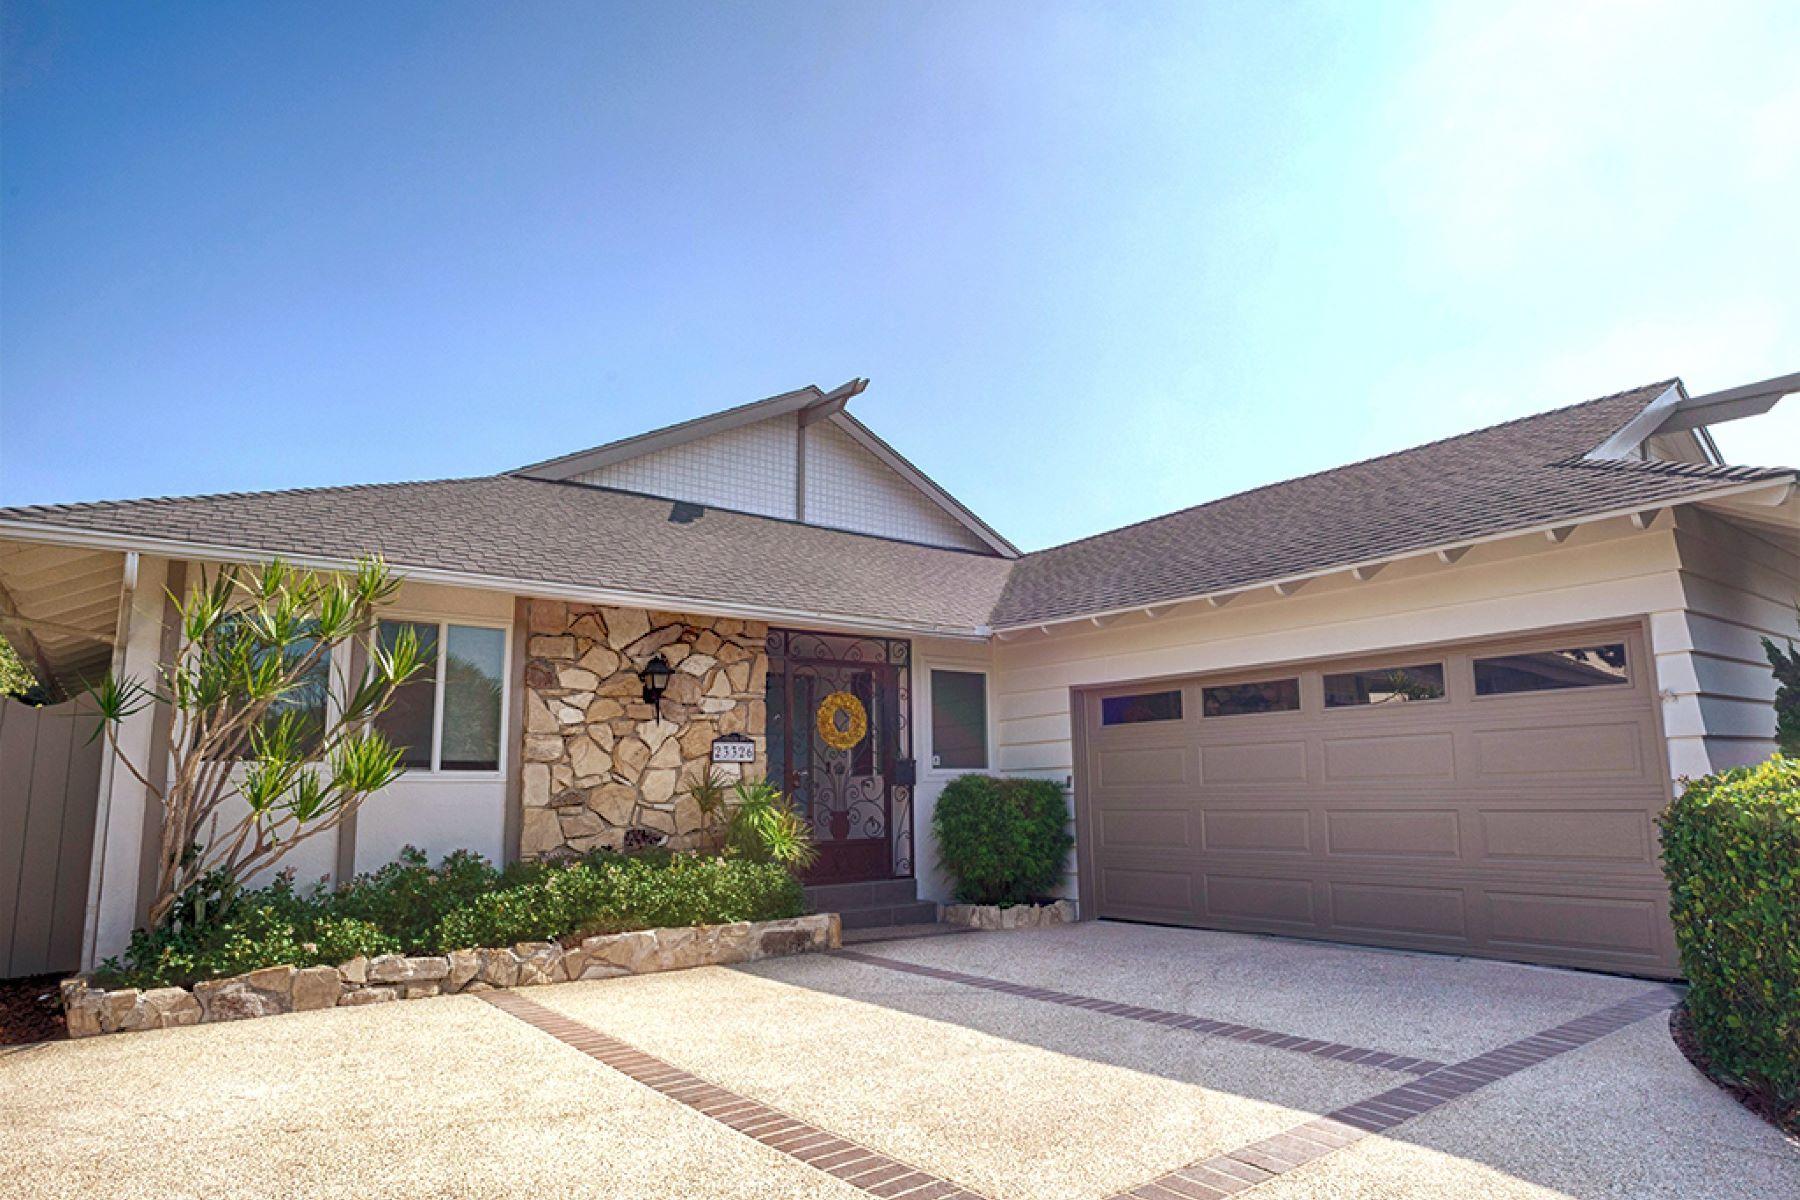 واحد منزل الأسرة للـ Sale في 23326 Ocean Av, Torrance 90505 23326 Ocean Ave Torrance, California 90505 United States